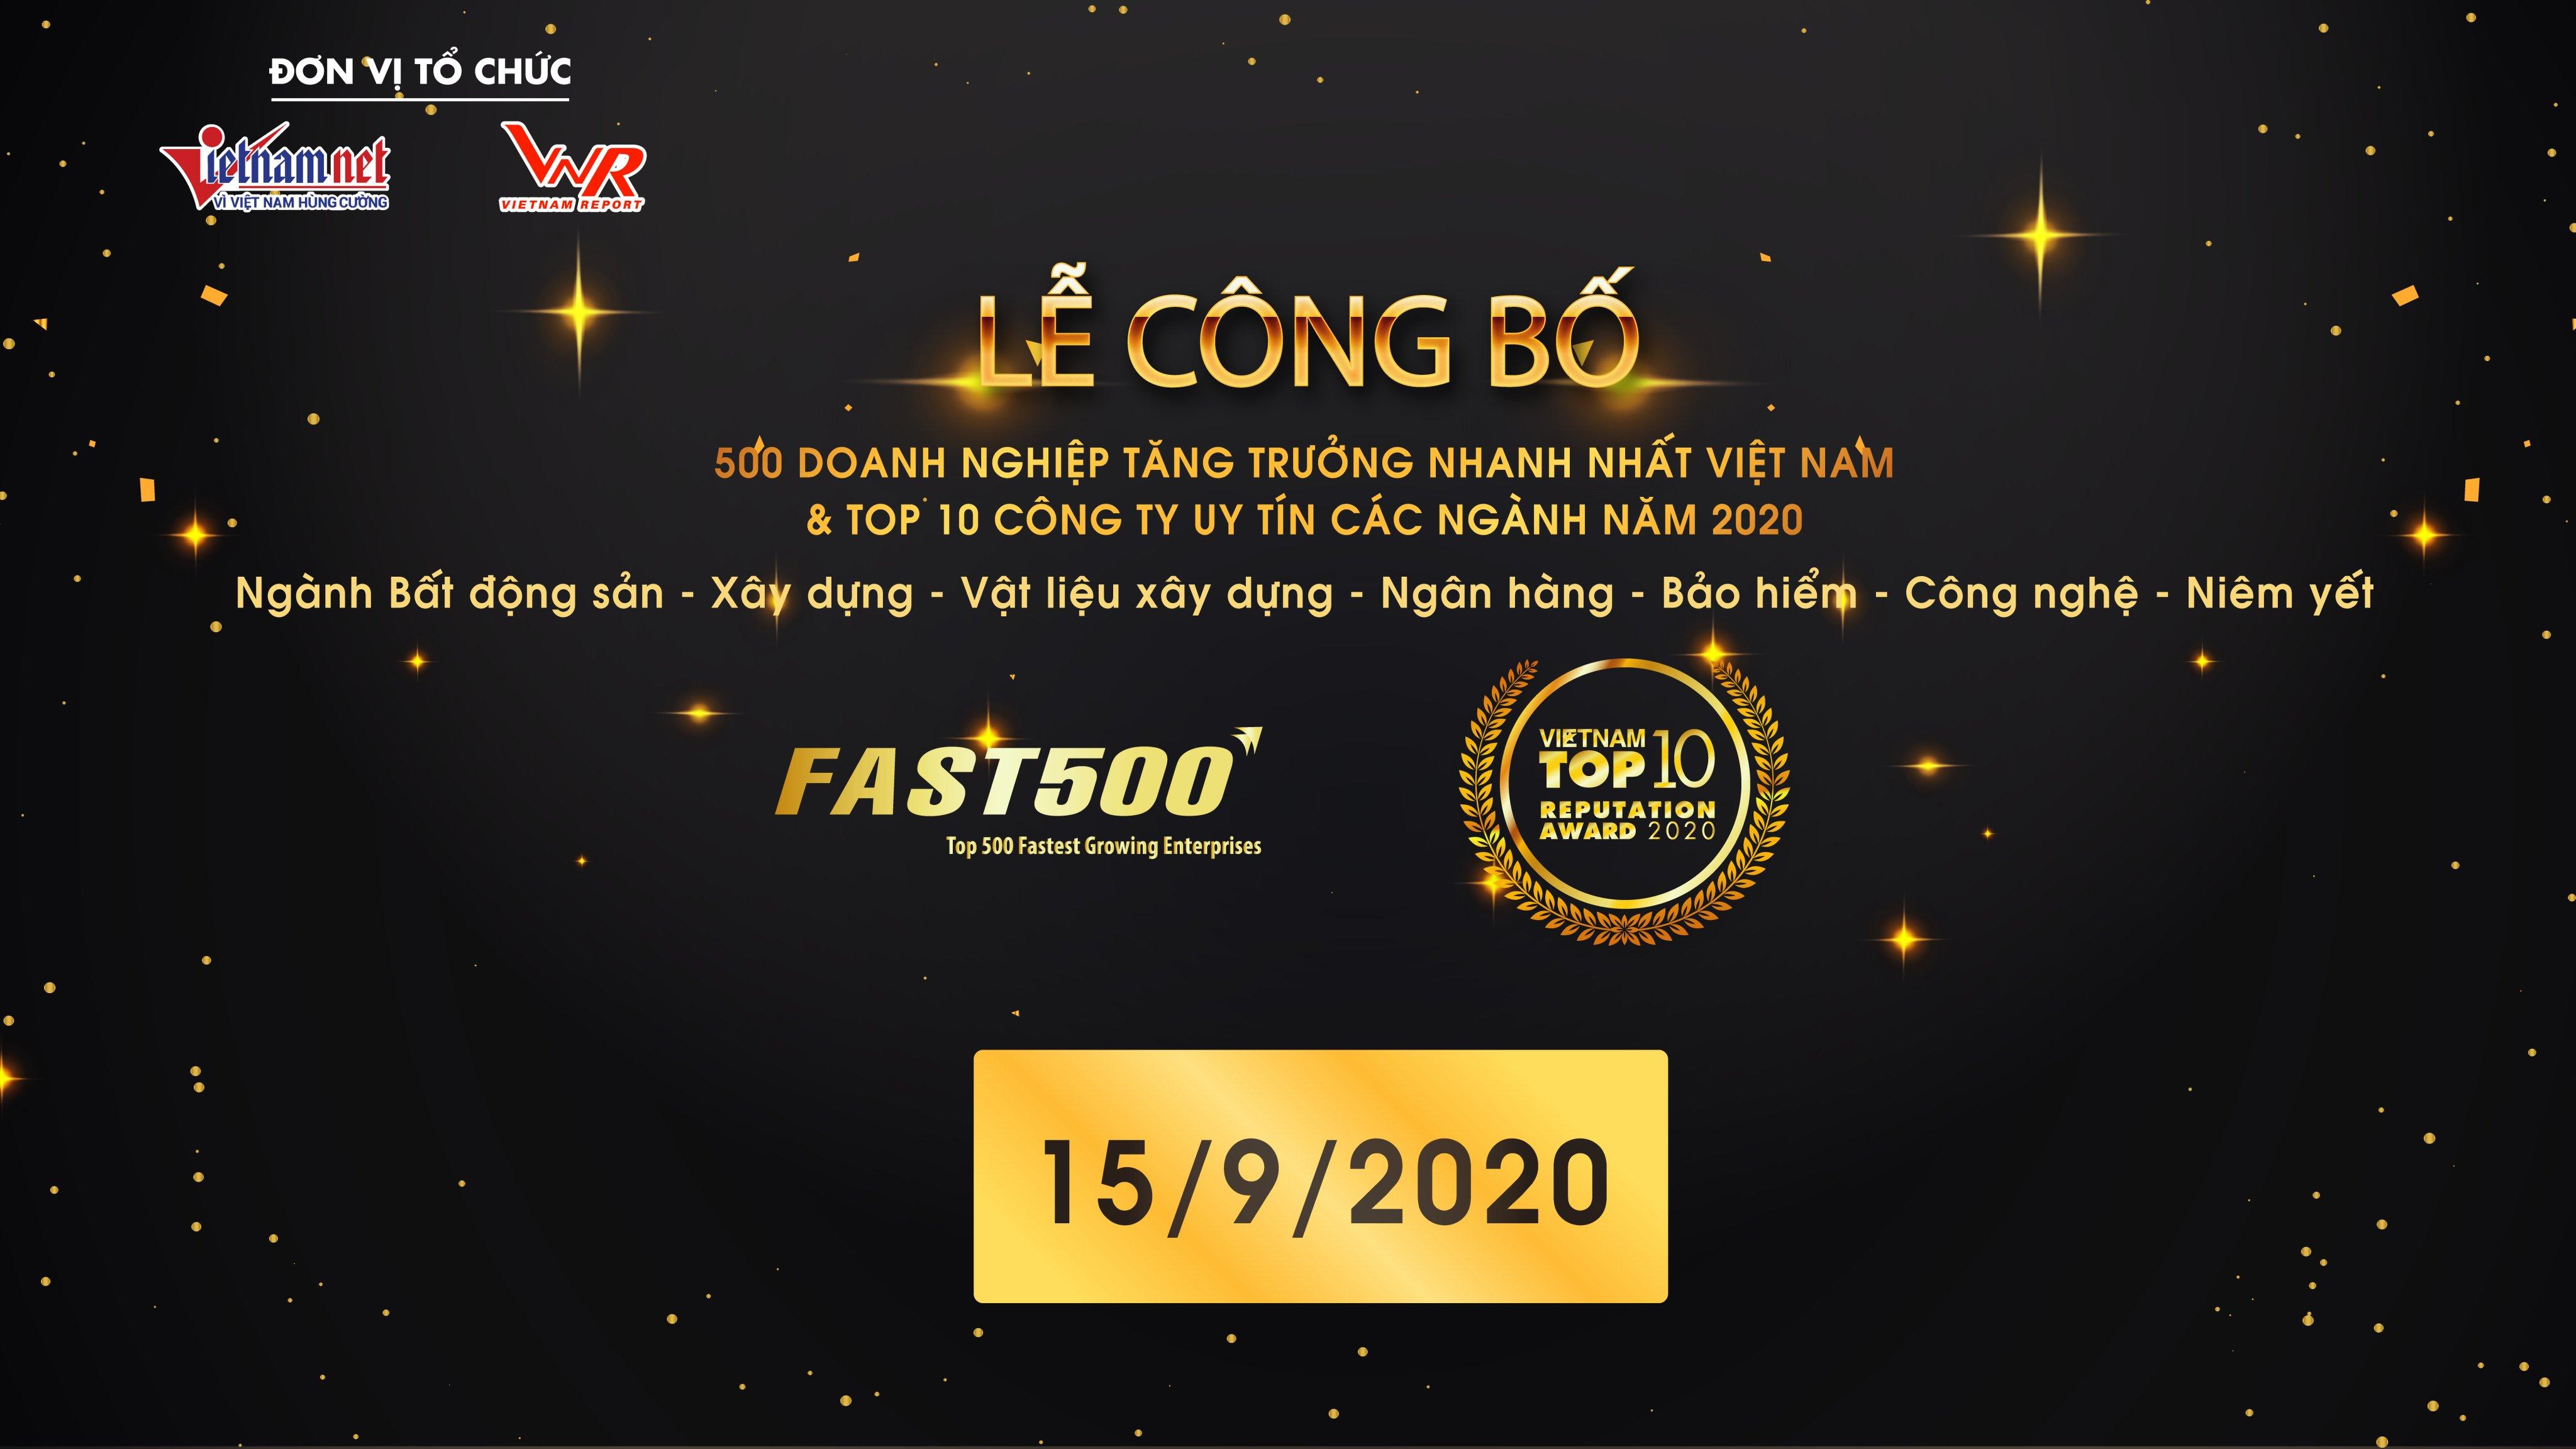 Lễ công bố trực tuyến BXH FAST500 & Top 10 Công ty uy tín năm 2020